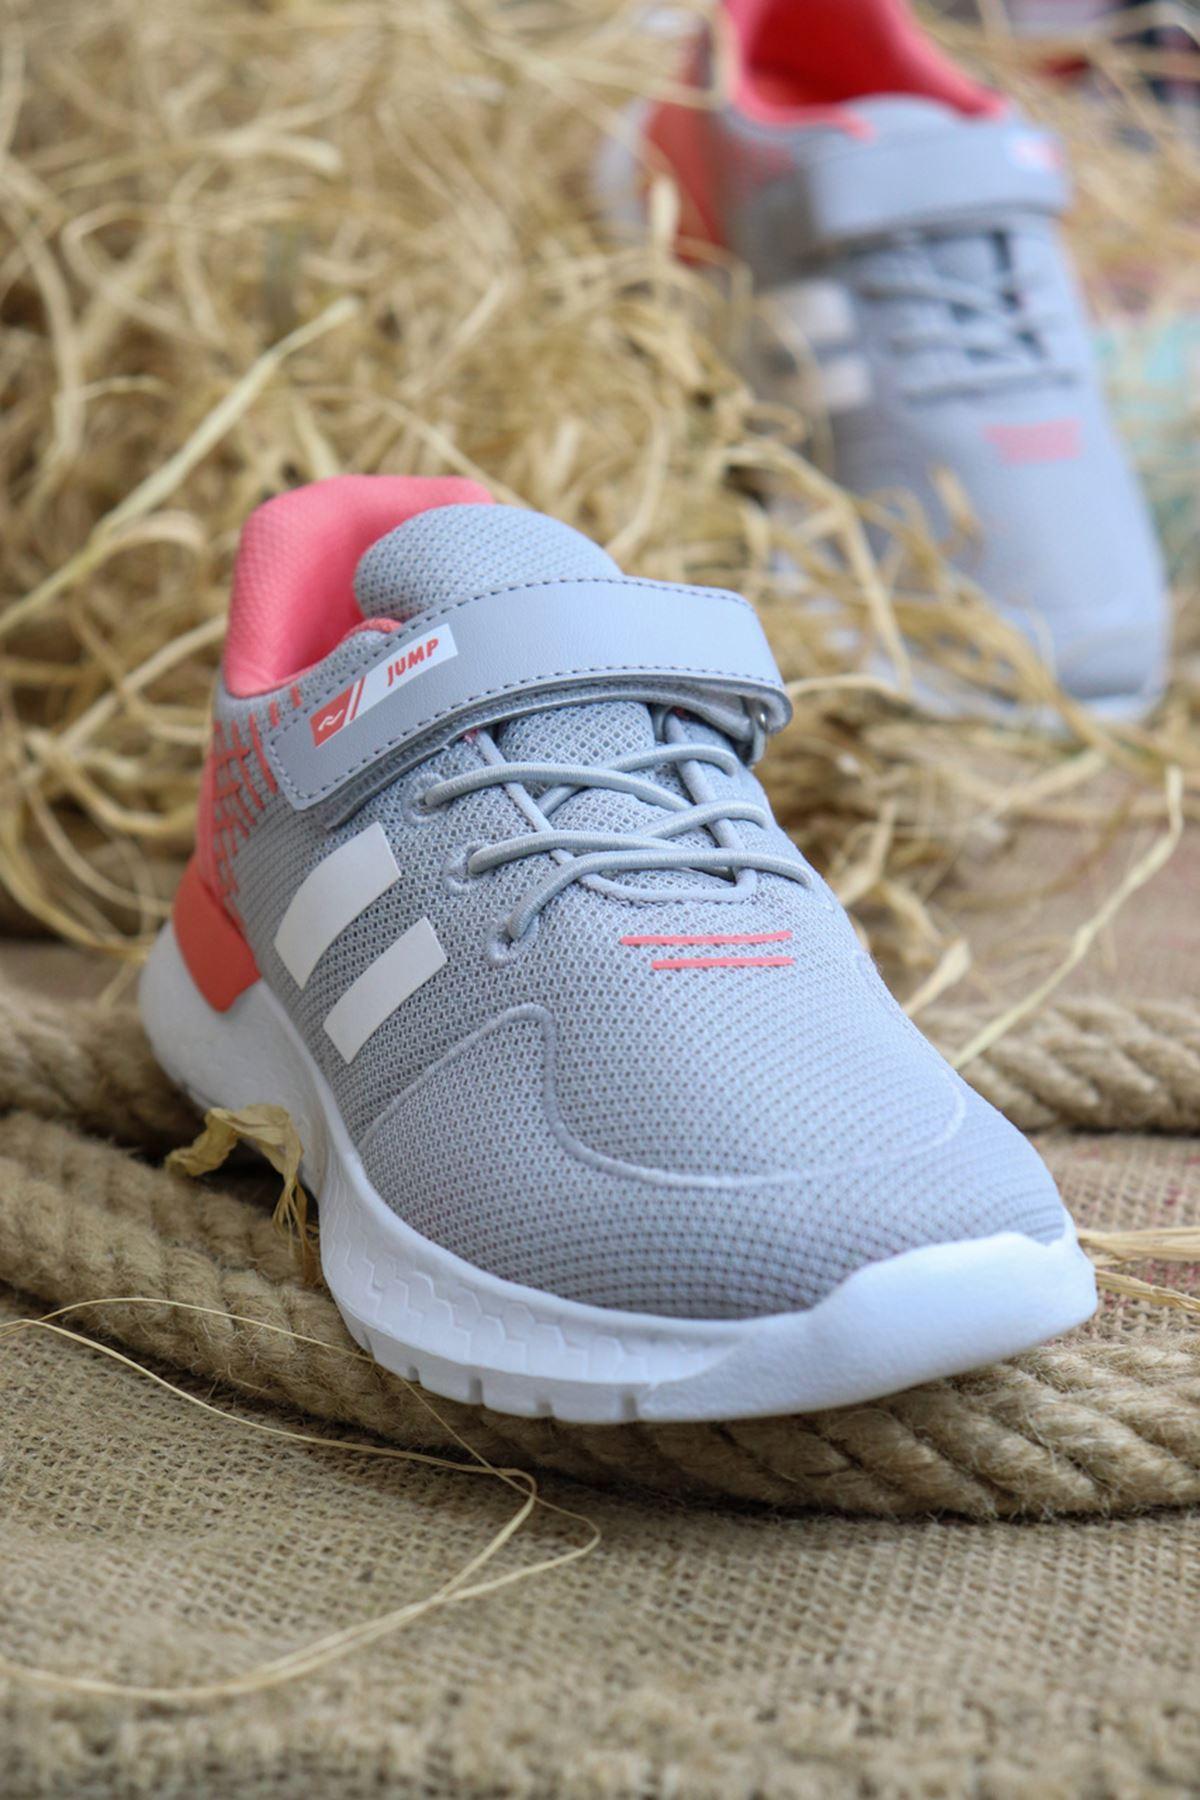 Jump - 26091 Gri-Turunucu Çocuk Spor Ayakkabısı